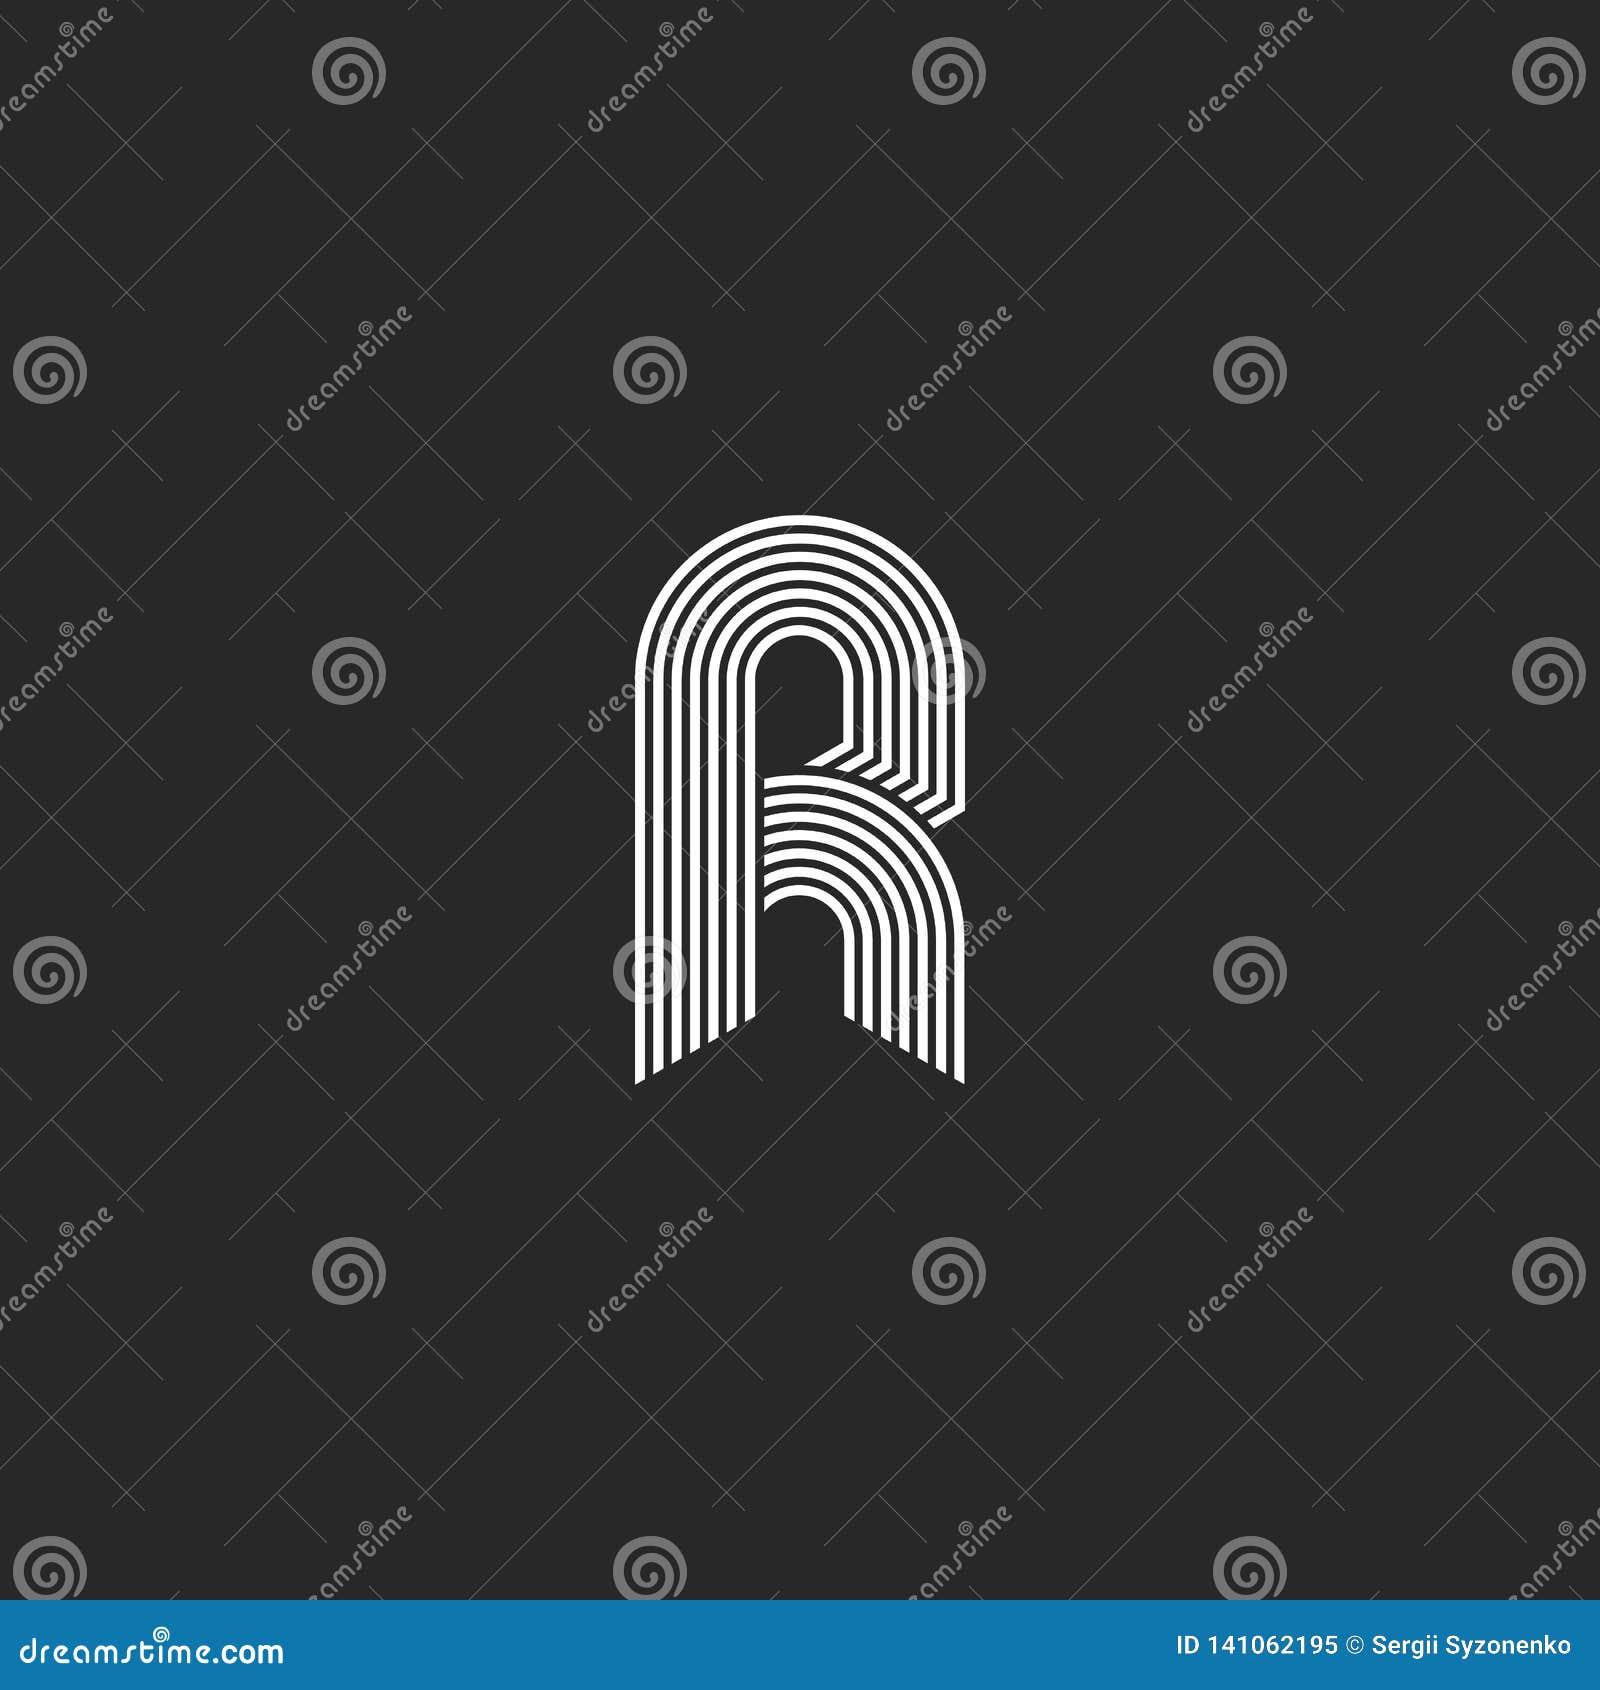 线性行家白色信件r在黑背景的组合图案或象 线性传染媒介最初标志商标 典雅的线曲线略写法